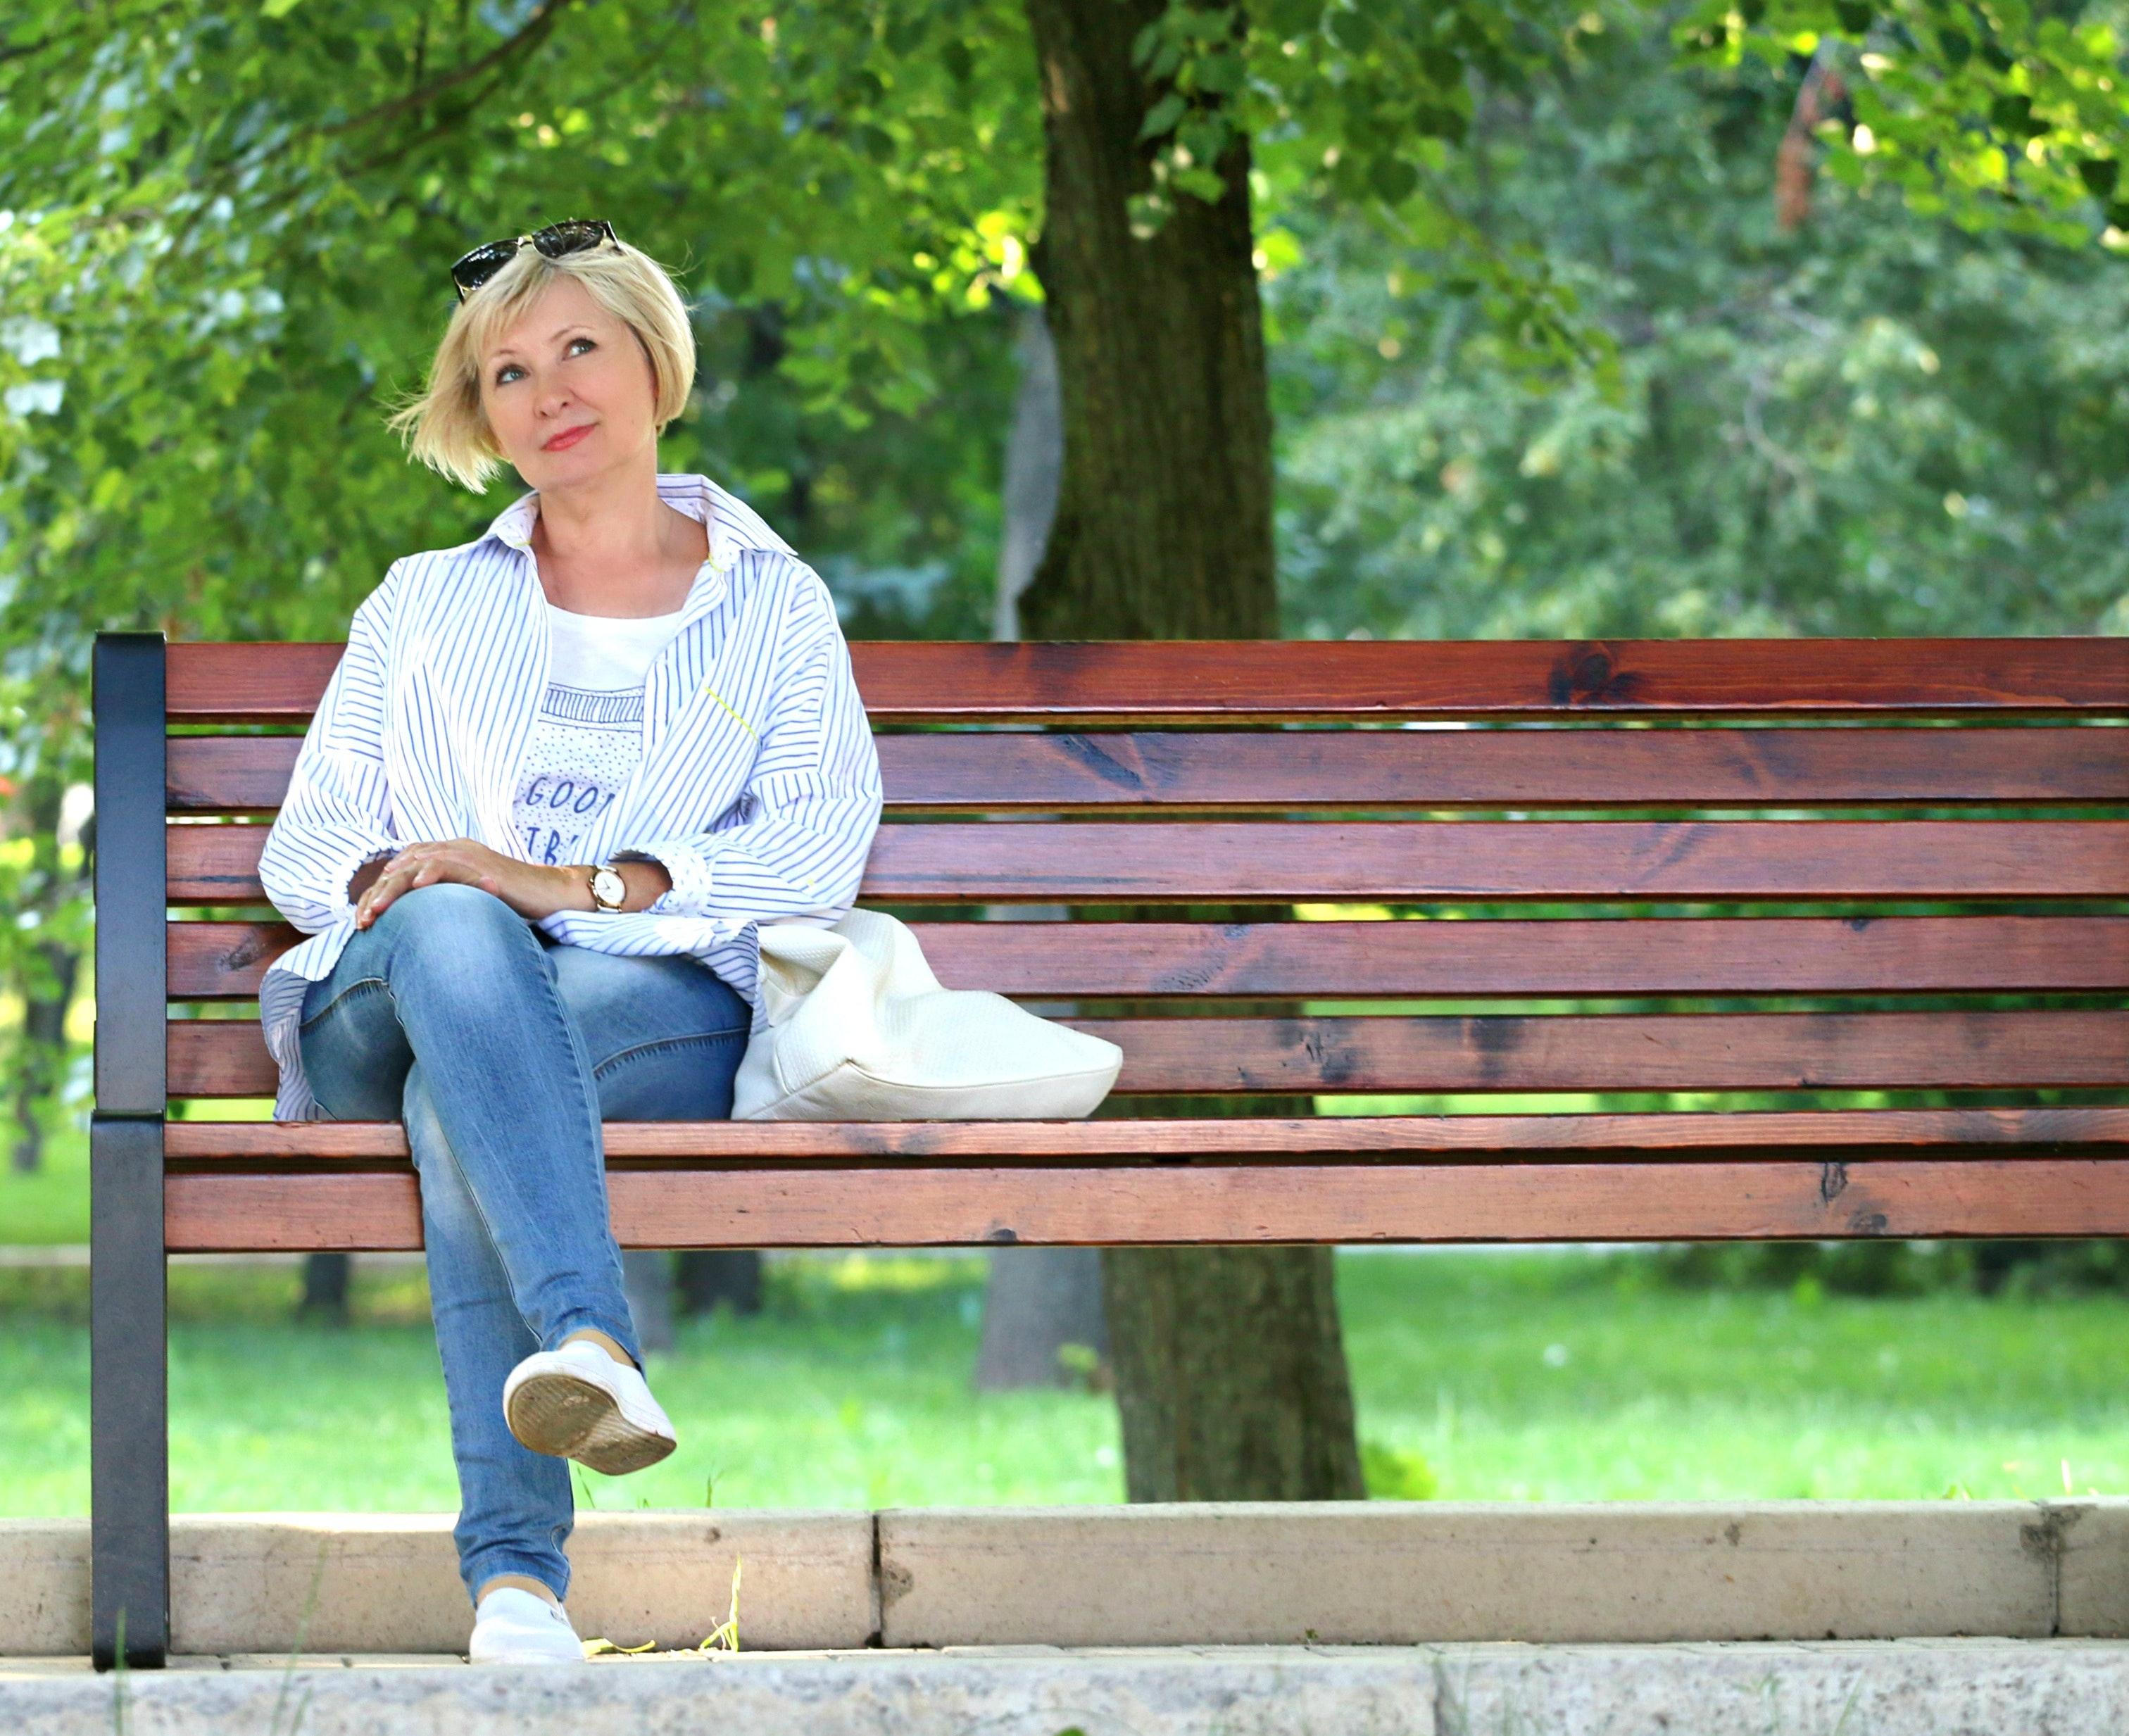 Multifokale Kontaktlinsen. Das Bild zeigt eine Frau auf einer Bank mit einer Sonnenbrille im Haar